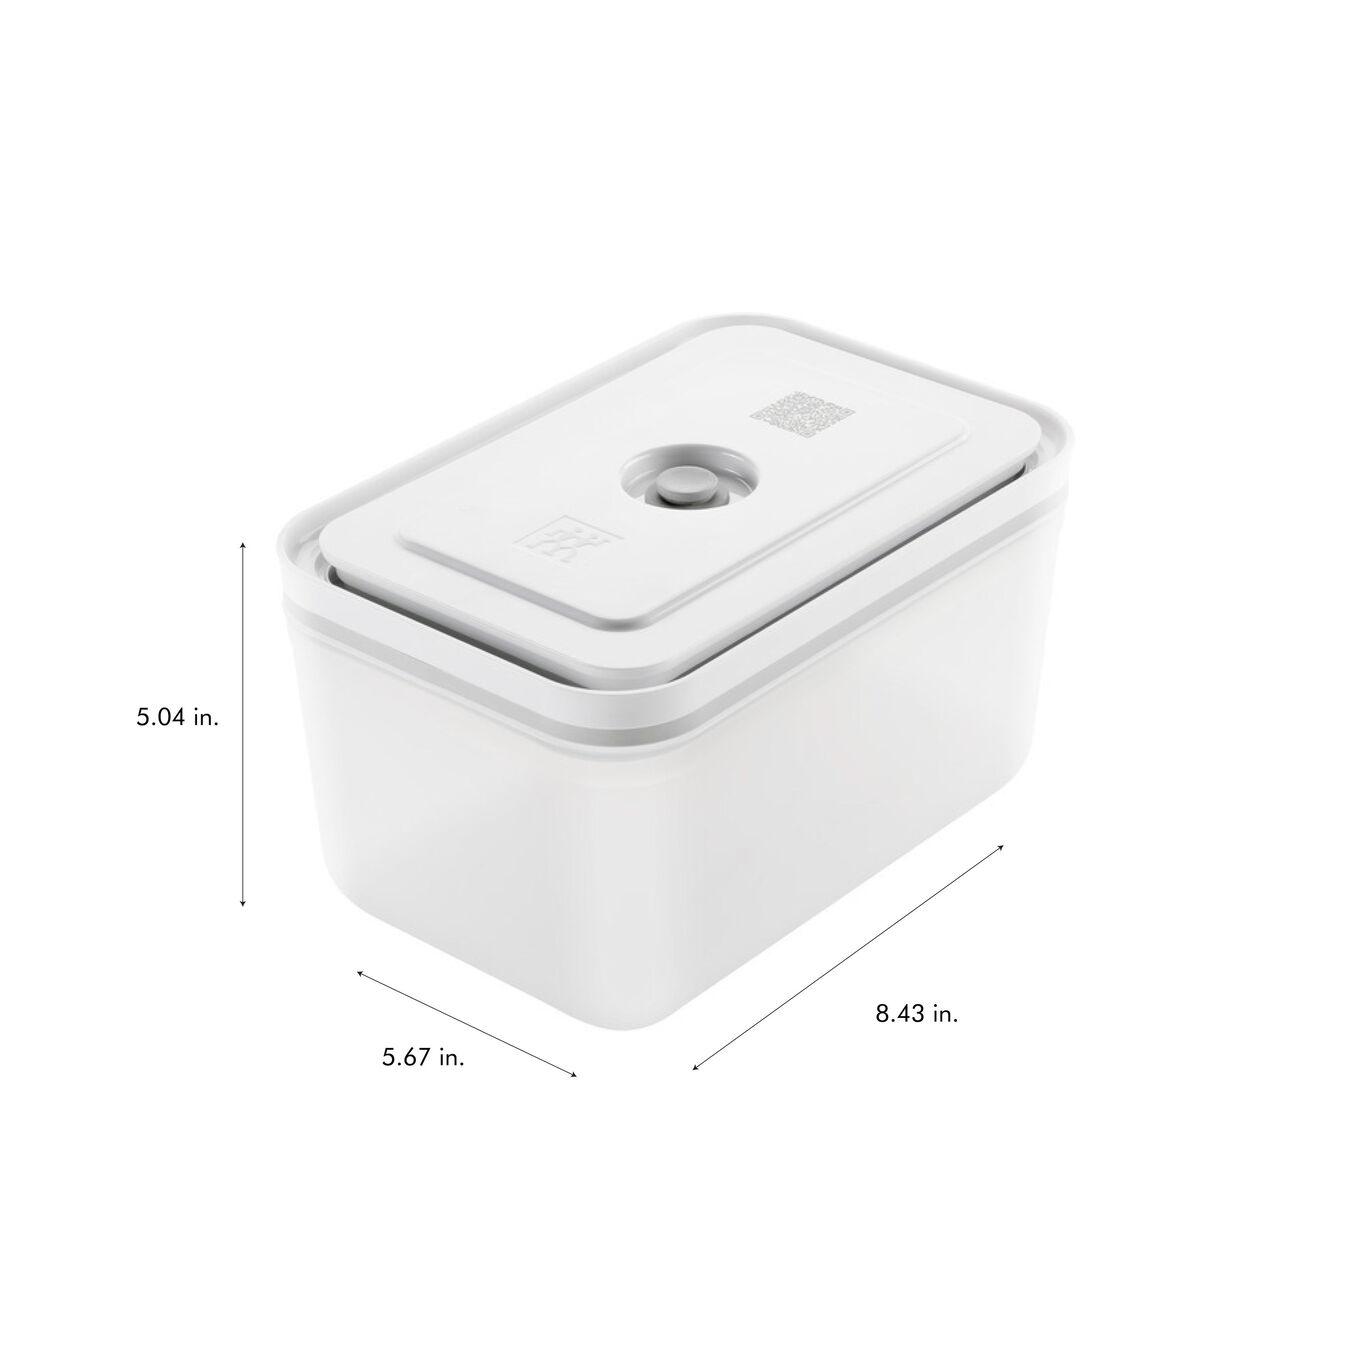 Vacuum Container Set, small/medium/large / 3-pc, Plastic, White,,large 11